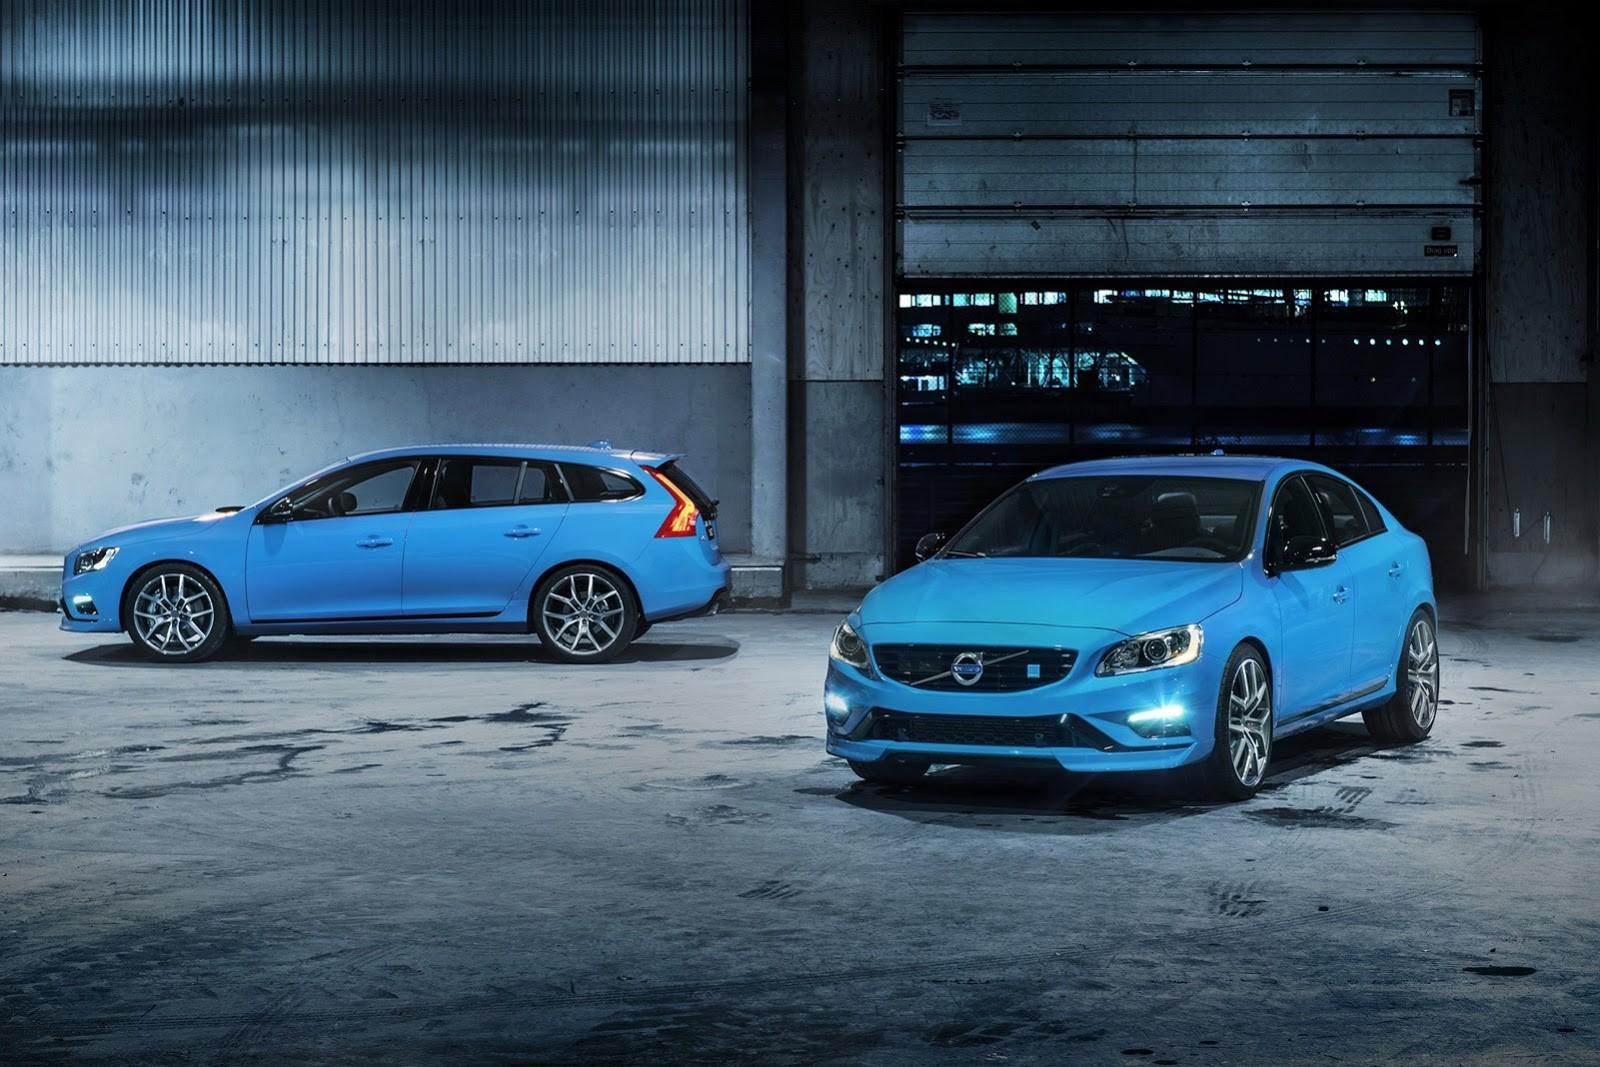 Volvo и Polestar представили новые заряженные новинки S60 и V60 в Лос-Анджелесе